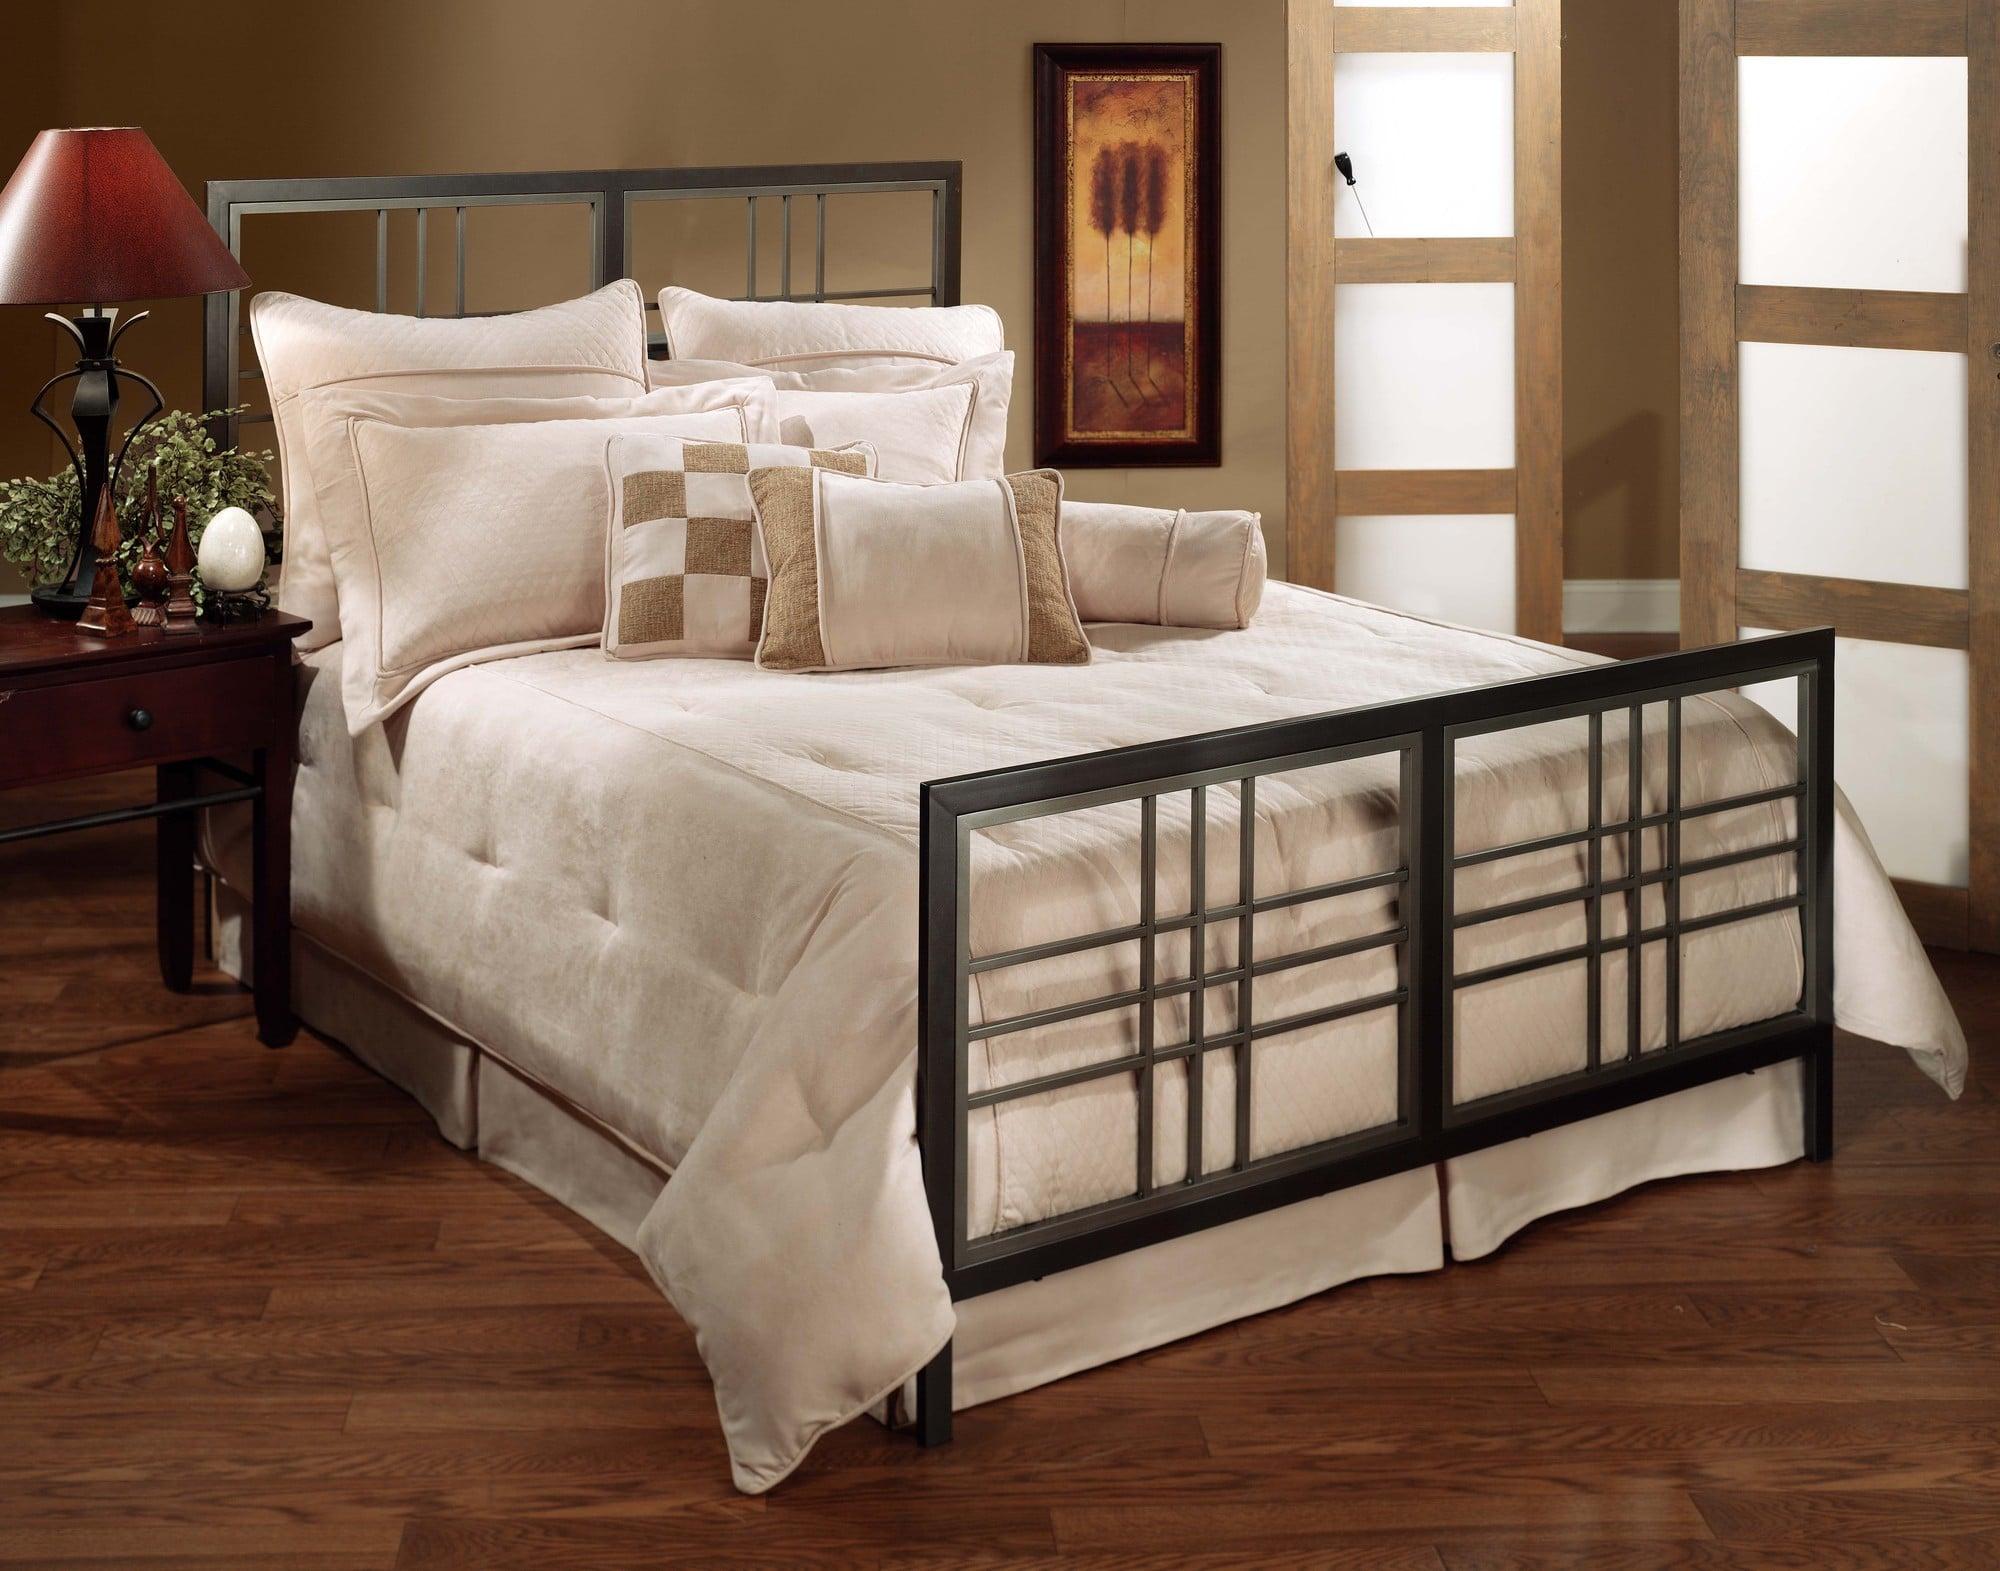 Как подобрать матрас к кровати по размеру